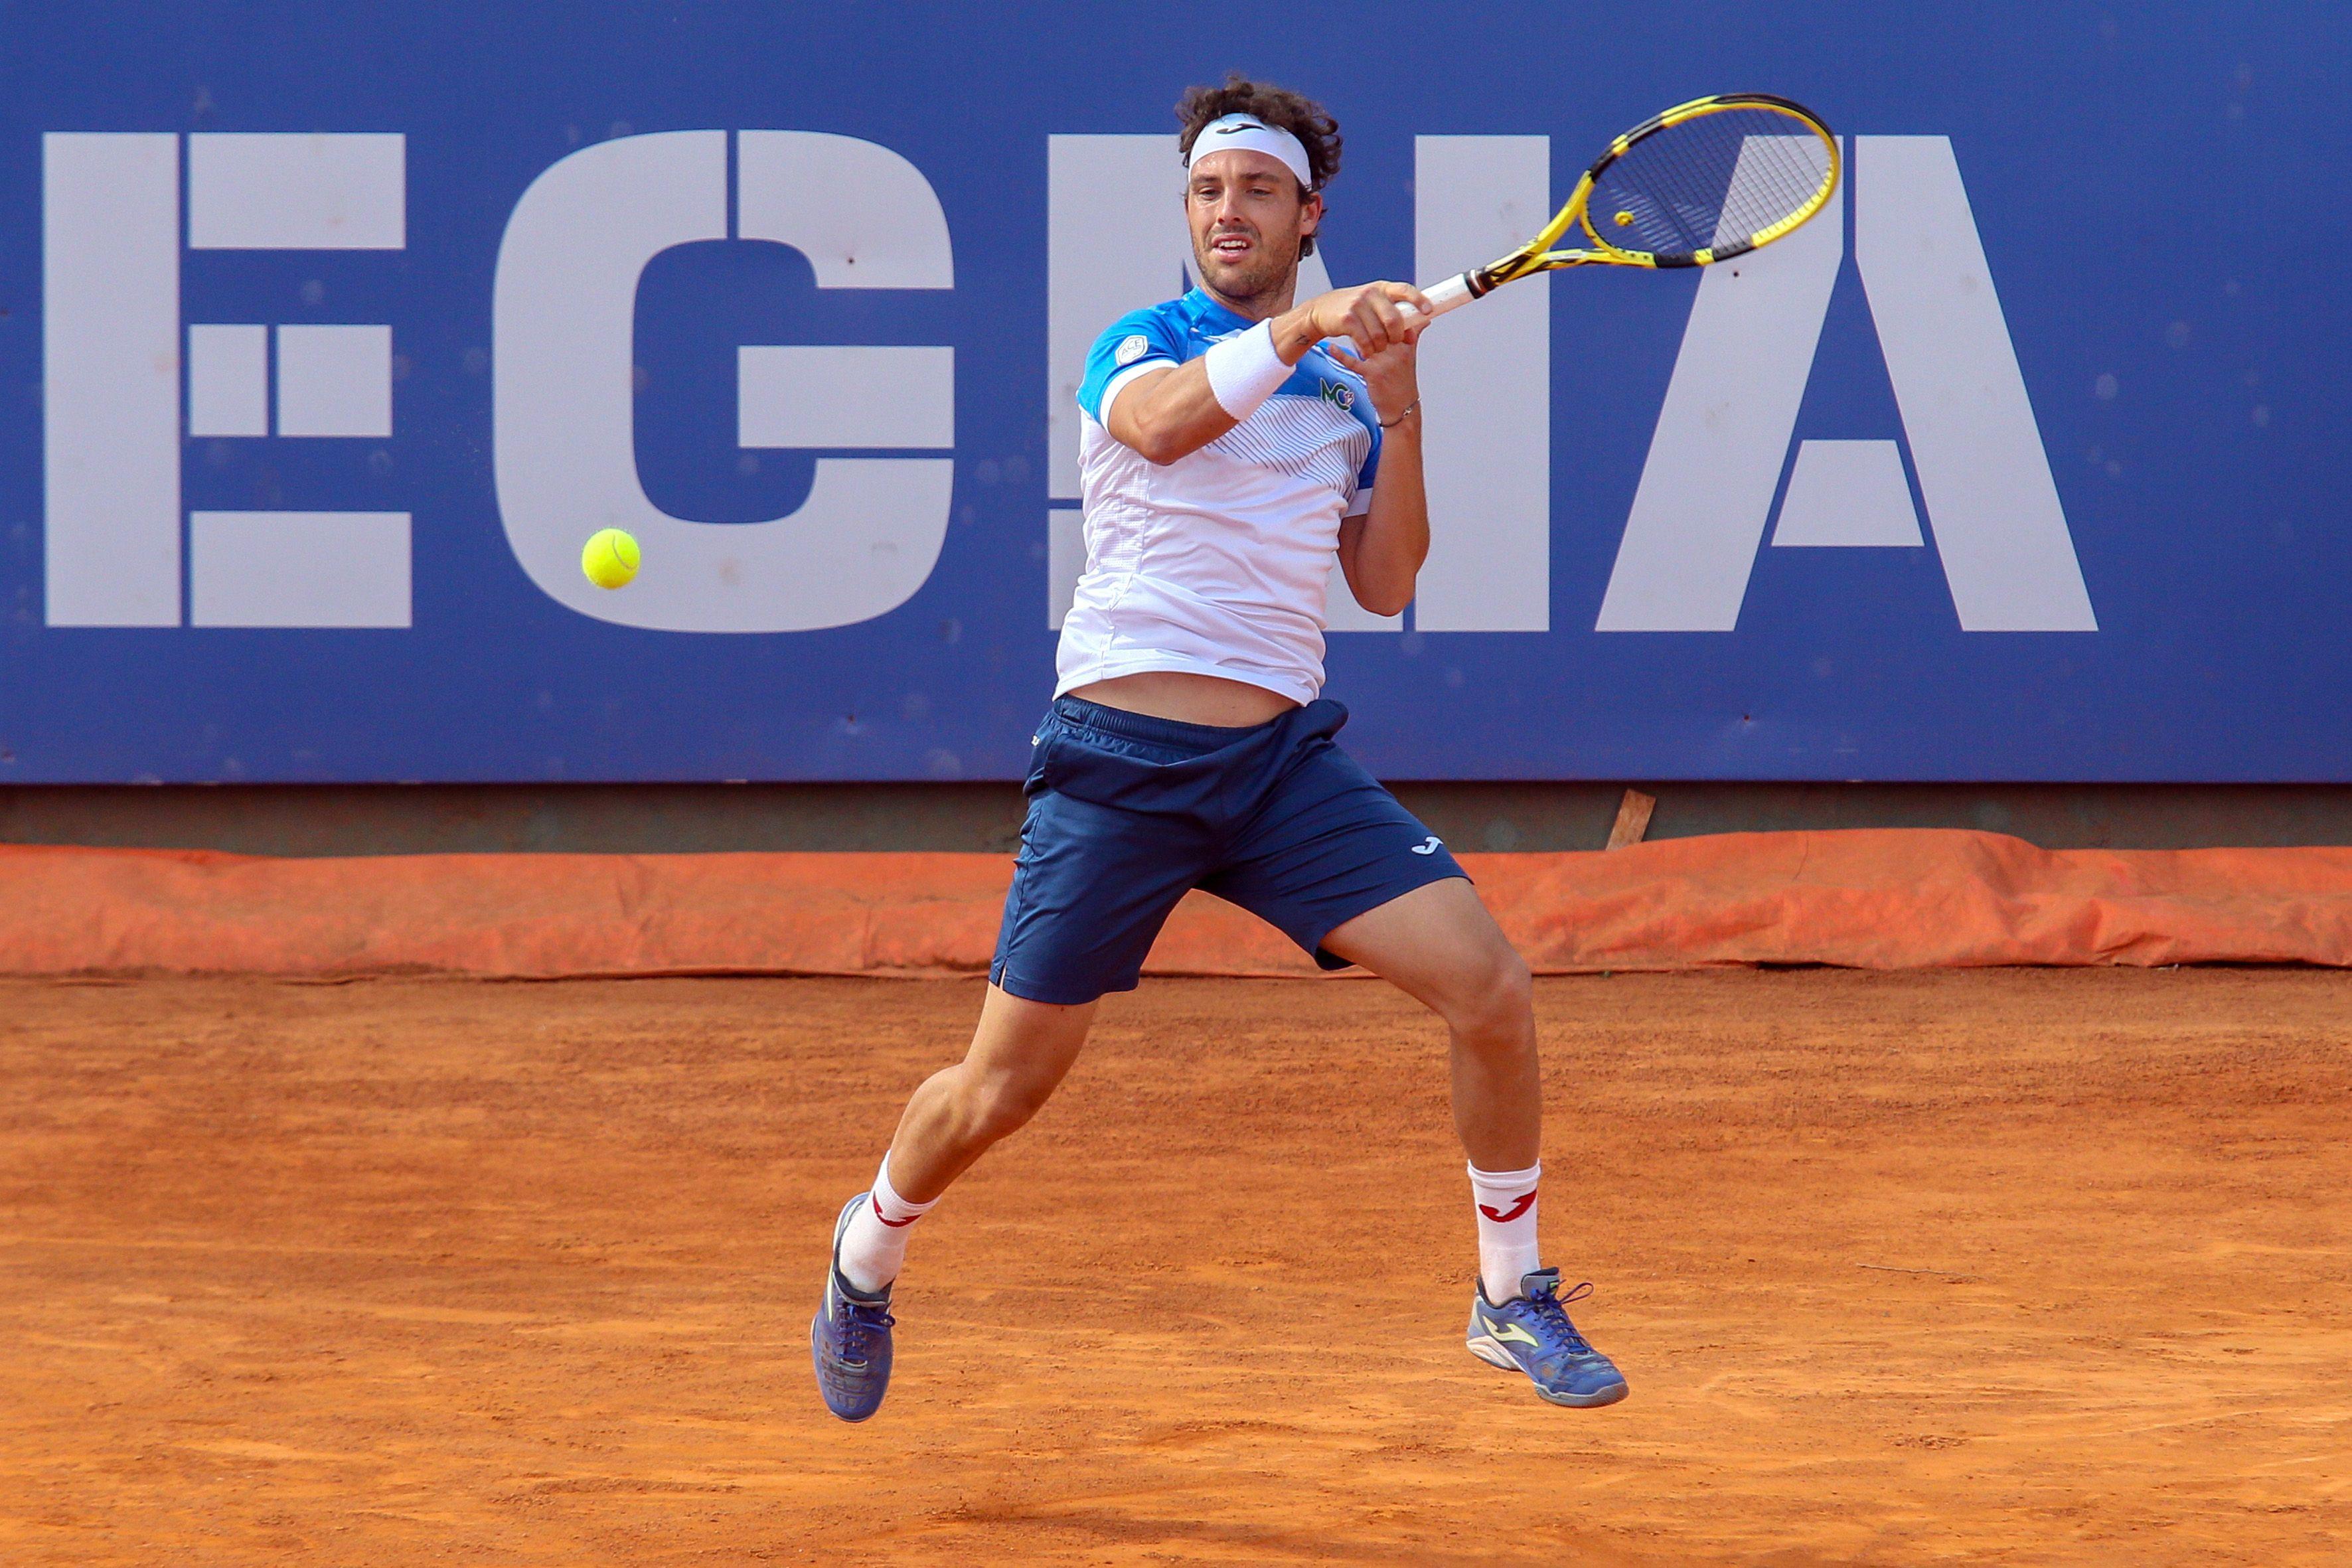 Marco Cecchinato ITA, 1992.09.30